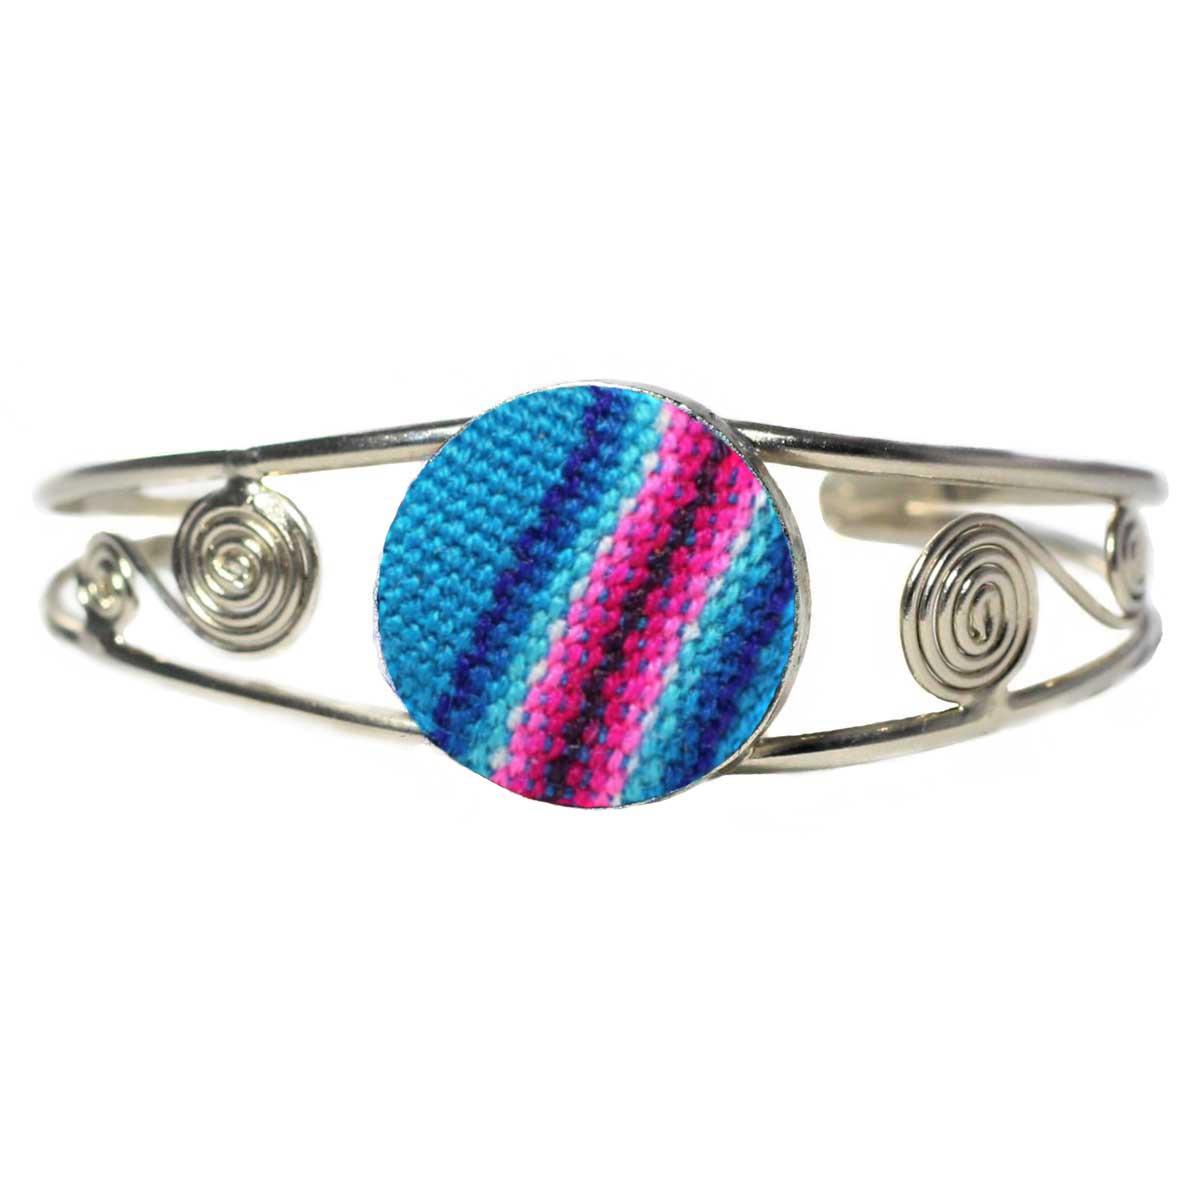 Inka-Products-Bracelet en Métal Argenté Péruvien-Tissu Traditionnel Andin Bleu Ciel